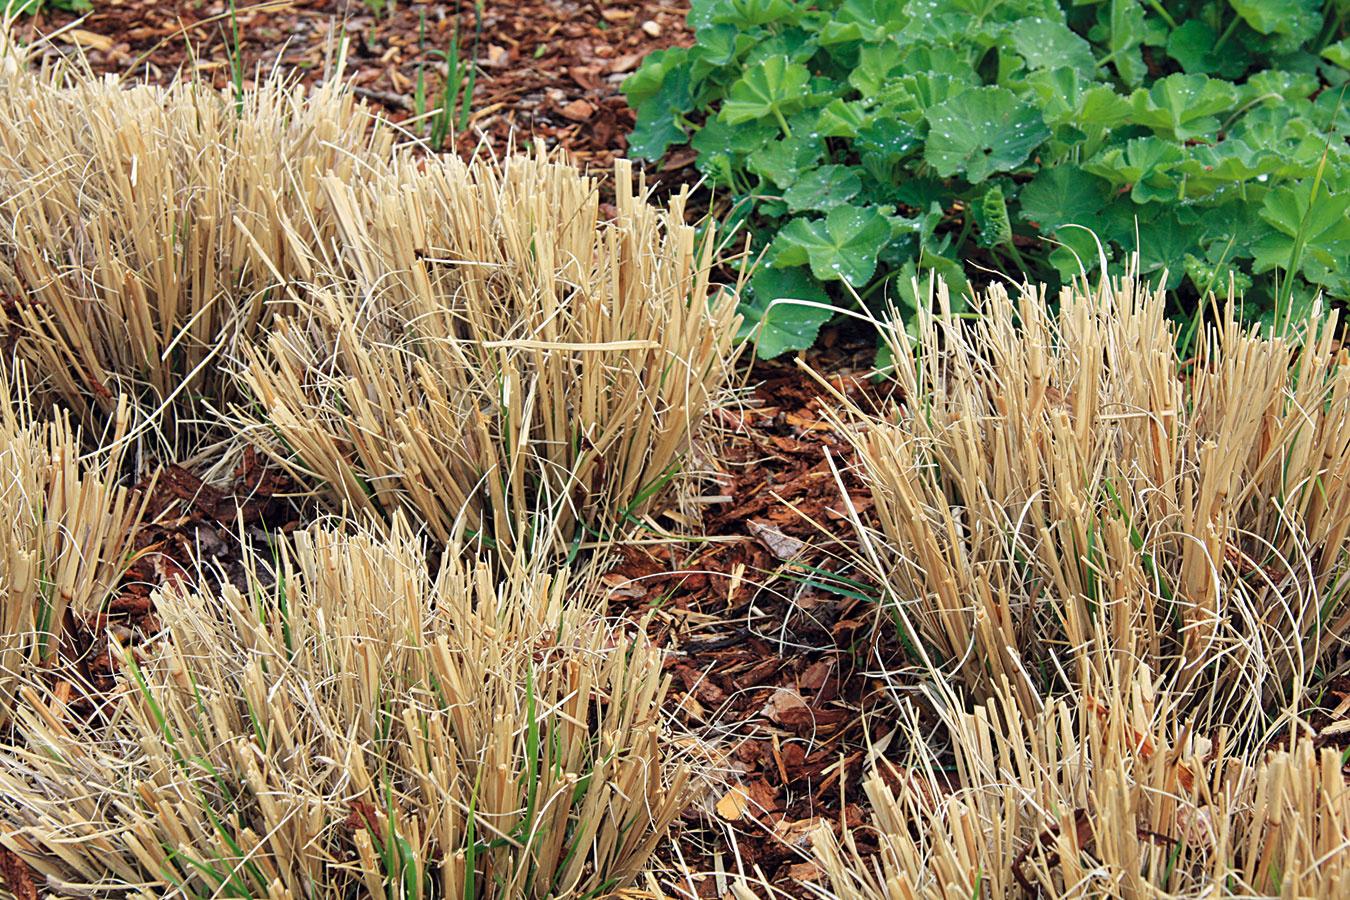 Vprvej polovici marca bolo nutné zrealizovať rez vysokých astredne vysokých okrasných tráv. Čím skôr sa uskutoční, tým je menšia šanca, že sa poškodia výhonky. Neskorší rez by navyše mohol oddialiť rast nových stebiel. Ideálne je rezať kúsok nad pôdou. Okolie tráv sa odporúča prekypriť aktrsom pridať preosiaty kompost. Počas teplých asuchých slnečných dní ich treba výdatne zavlažovať. Koncom marca je ideálna príležitosť staršie trsy ozdobnice aperovca ostrým rýľom rozdeliť arozsadiť, prípadne podarovať. Zazimované teplomilné kortadérie je lepšie odkryť až koncom marca, prípadne začiatkom apríla, keď už nehrozia silné mrazy. Ostrice akostravy sa nestrihajú, postačí len opatrne povyťahovať suché apoškodené steblá.